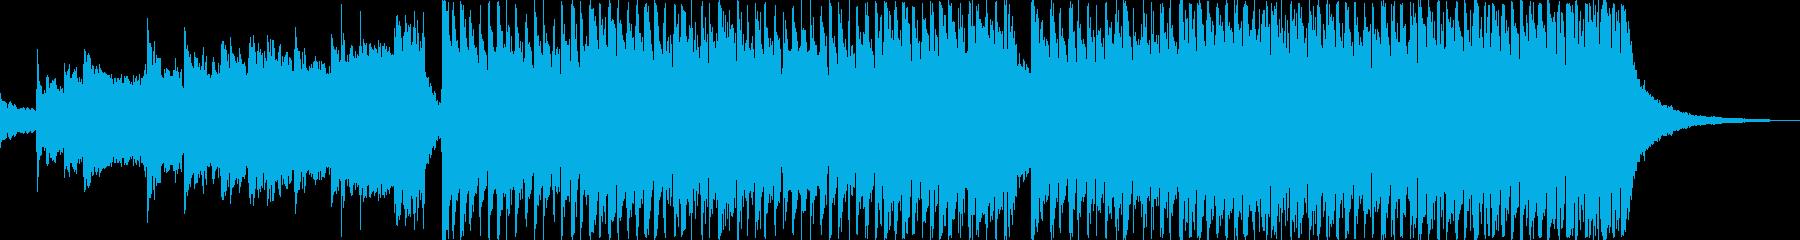 イージーリスニング 感情的 ポジテ...の再生済みの波形